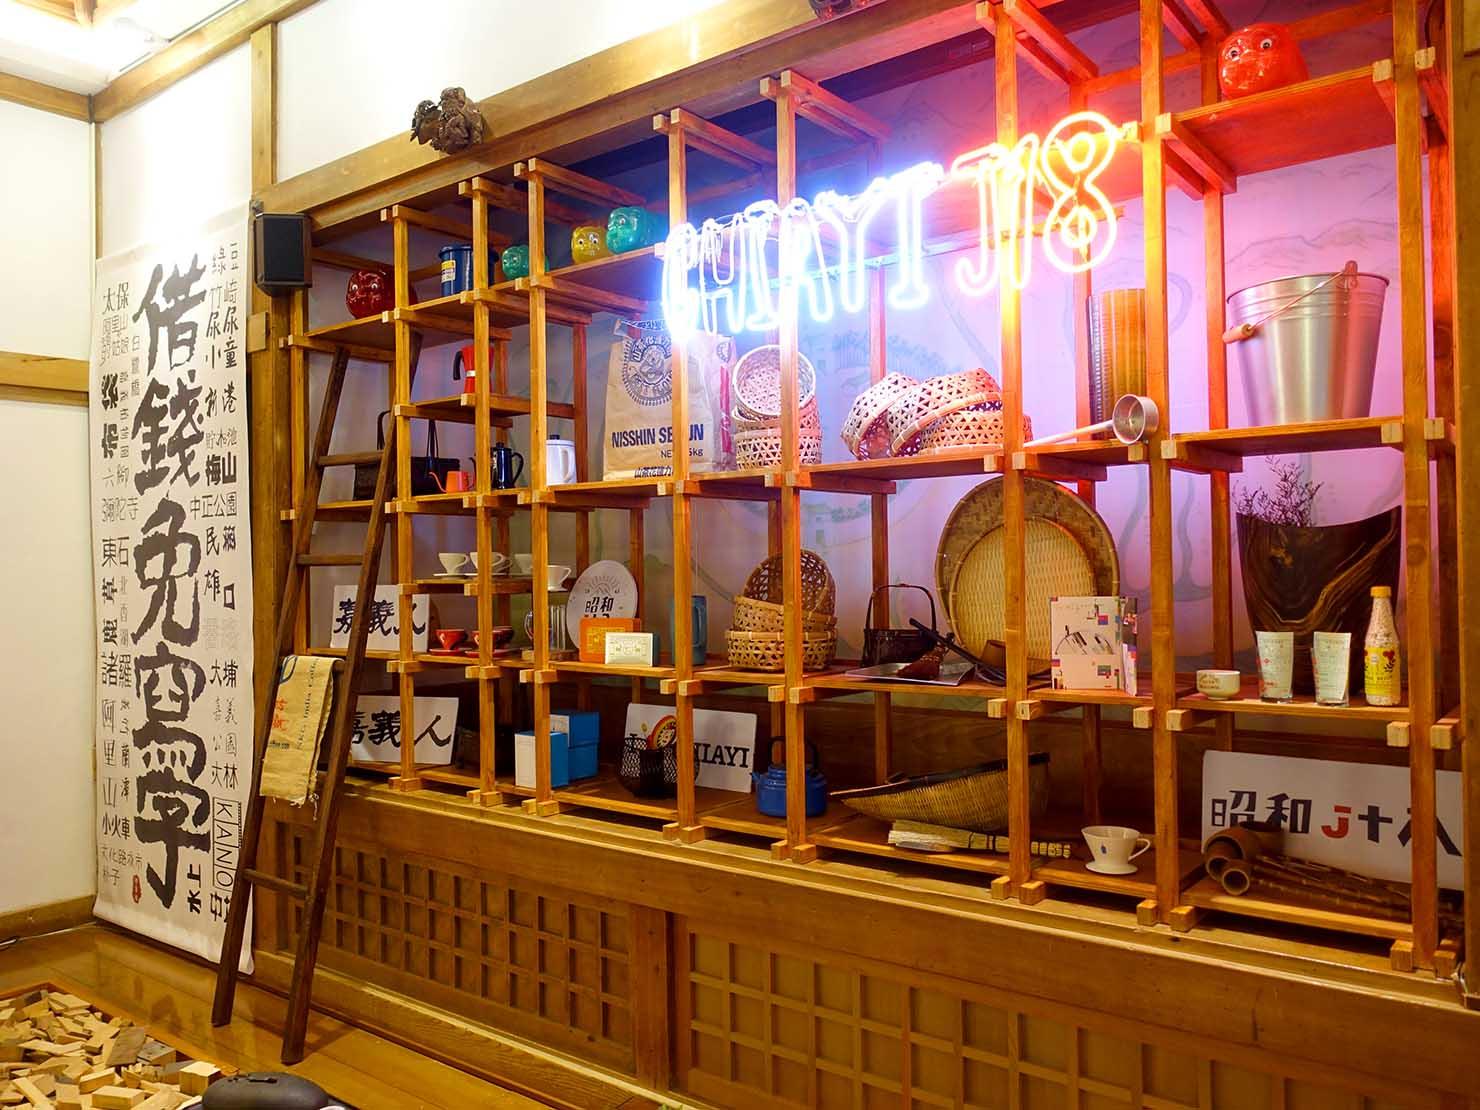 嘉義のおすすめ観光スポット「嘉義市史蹟資料館」のカフェに設置された飾り棚